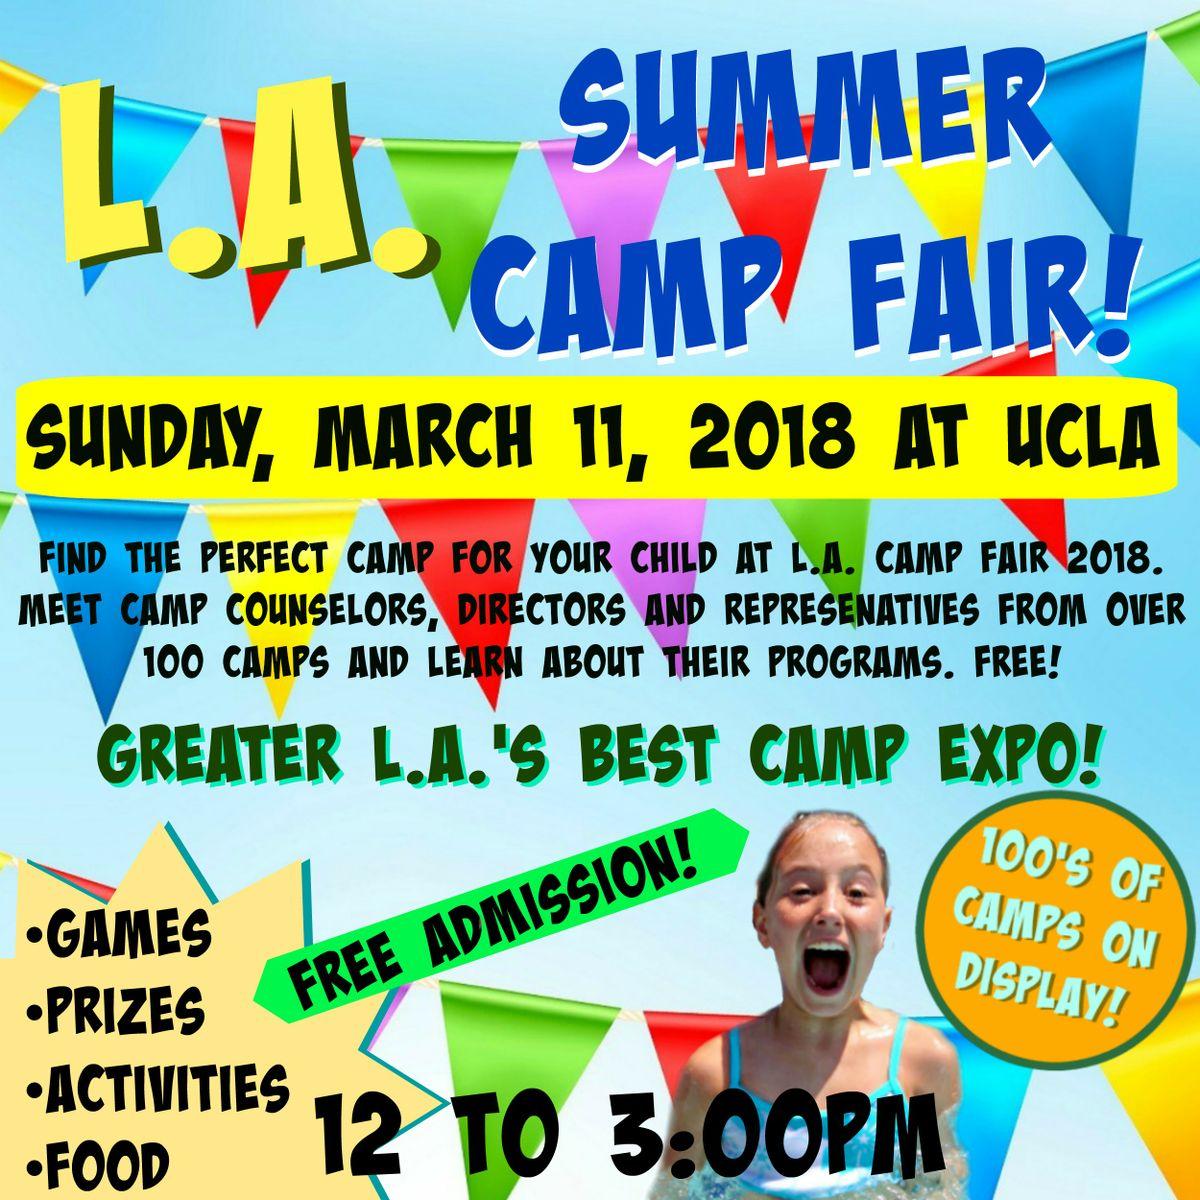 L.A. Camp Fair at UCLA